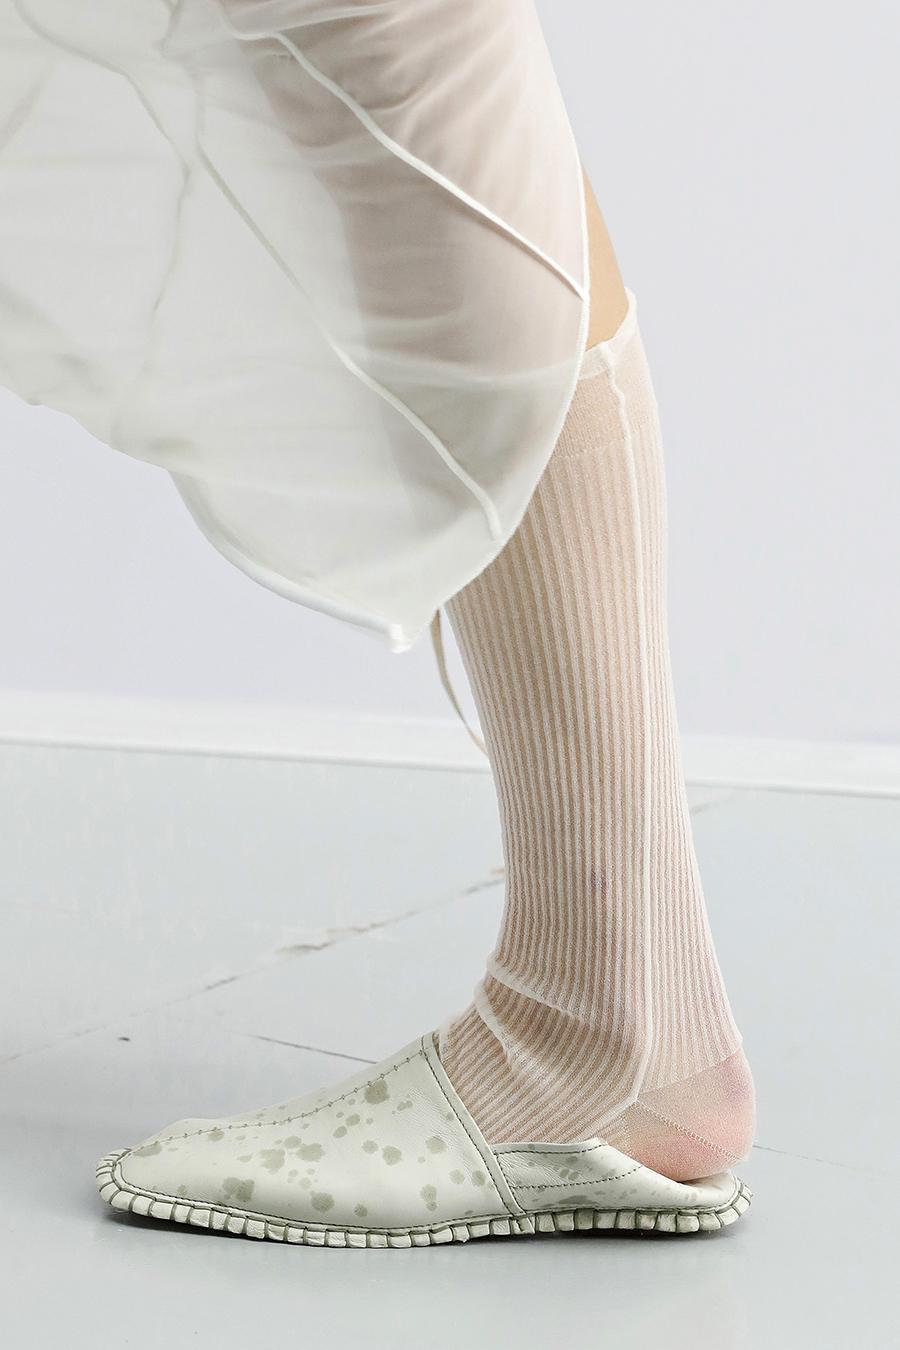 модная обувь лето 2021 на низком ходу плоская подошва без каблука женская мюли бабуши шлепанцы зыкрытые белые